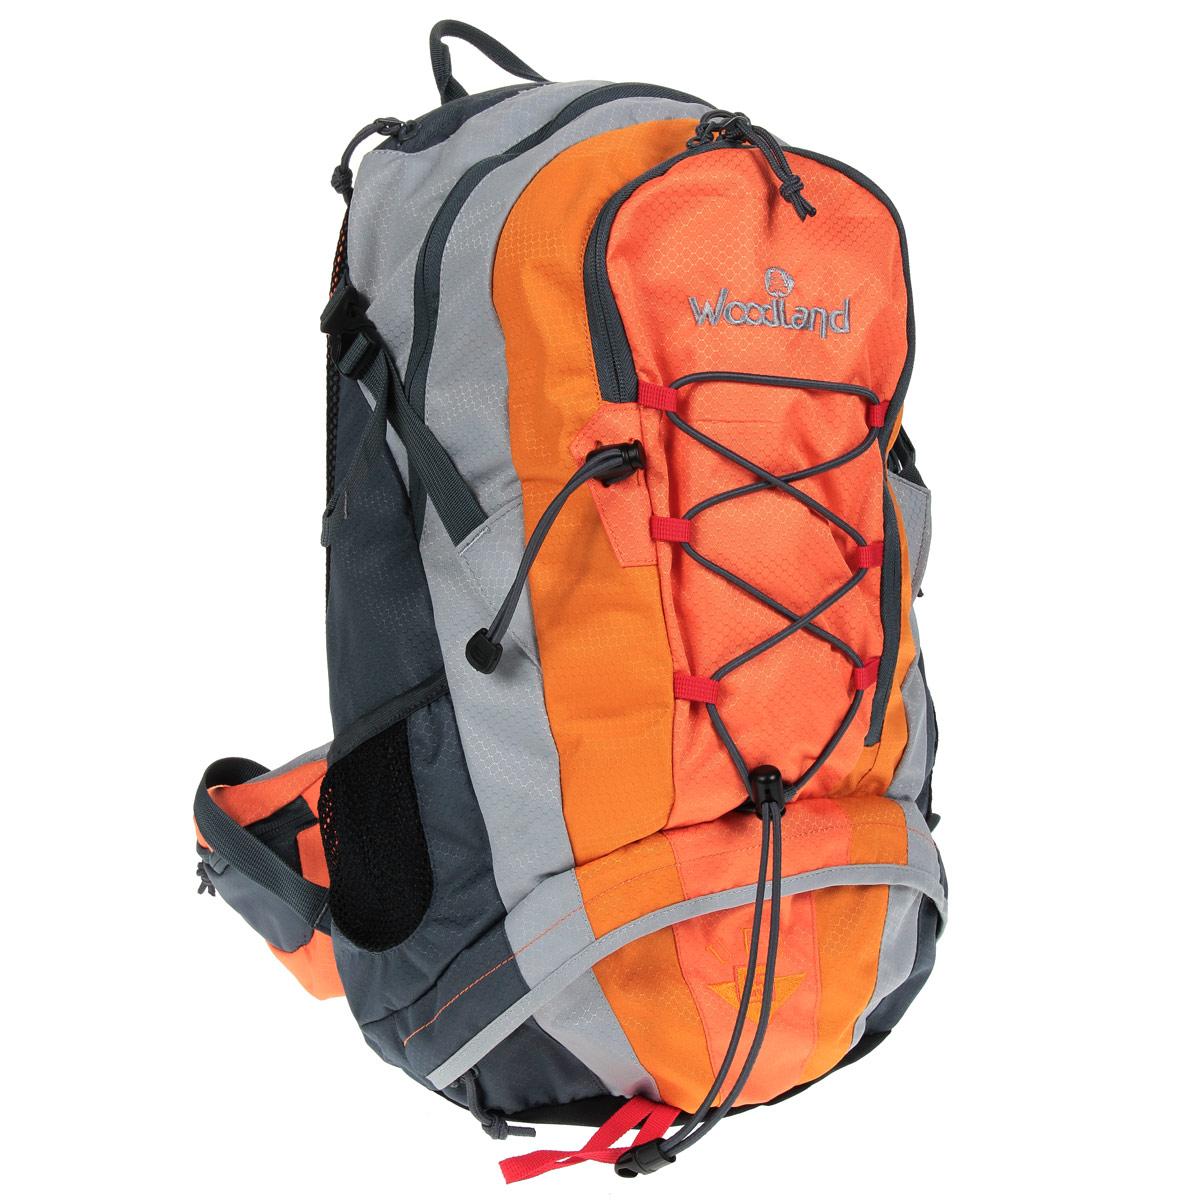 Рюкзак WoodLand UPS 25, цвет: оранжевый, желтый, темно-серый30776Рюкзак WoodLand UPS 25 разработан для приключений, будь то дикая природа или городские джунгли. Все узлы продуманы и универсальны - Вам не нужно будет задумываться над тем, что и куда положить. 25-литровый рюкзак WoodLand UPS 25 с вместительными карманами, нижним входом и классической системой вентиляции - оптимален для всех видов физической активности. Особенности рюкзака: Два входа в основное отделение. Удобный органайзер во внешнем кармане. Кармашки для мелочей в крыльях поясного ремня. Отдельный карман для плеера и других полезностей. Адаптирован для использования питьевой системы. Грудная стяжка с резиновым компенсатором. Пластиковая фурнитура YKK.